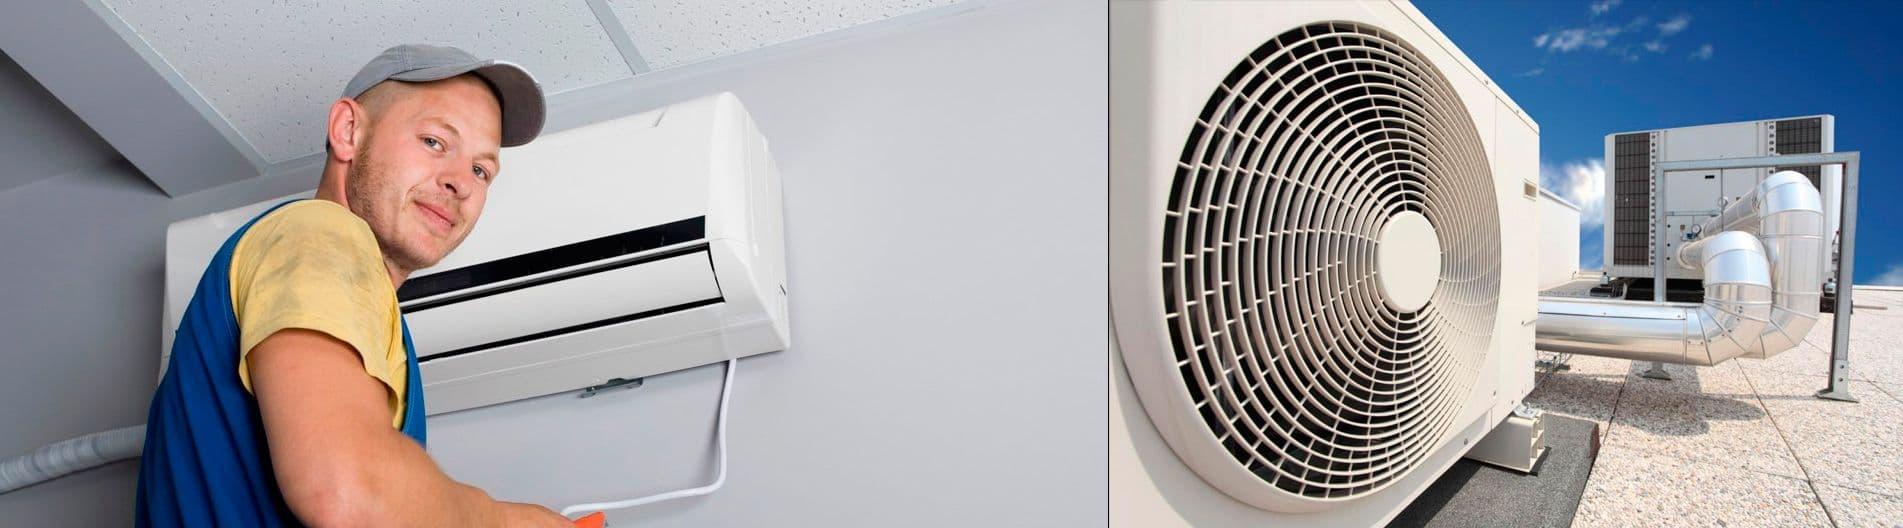 Instalación aire acondicionado Barcelona